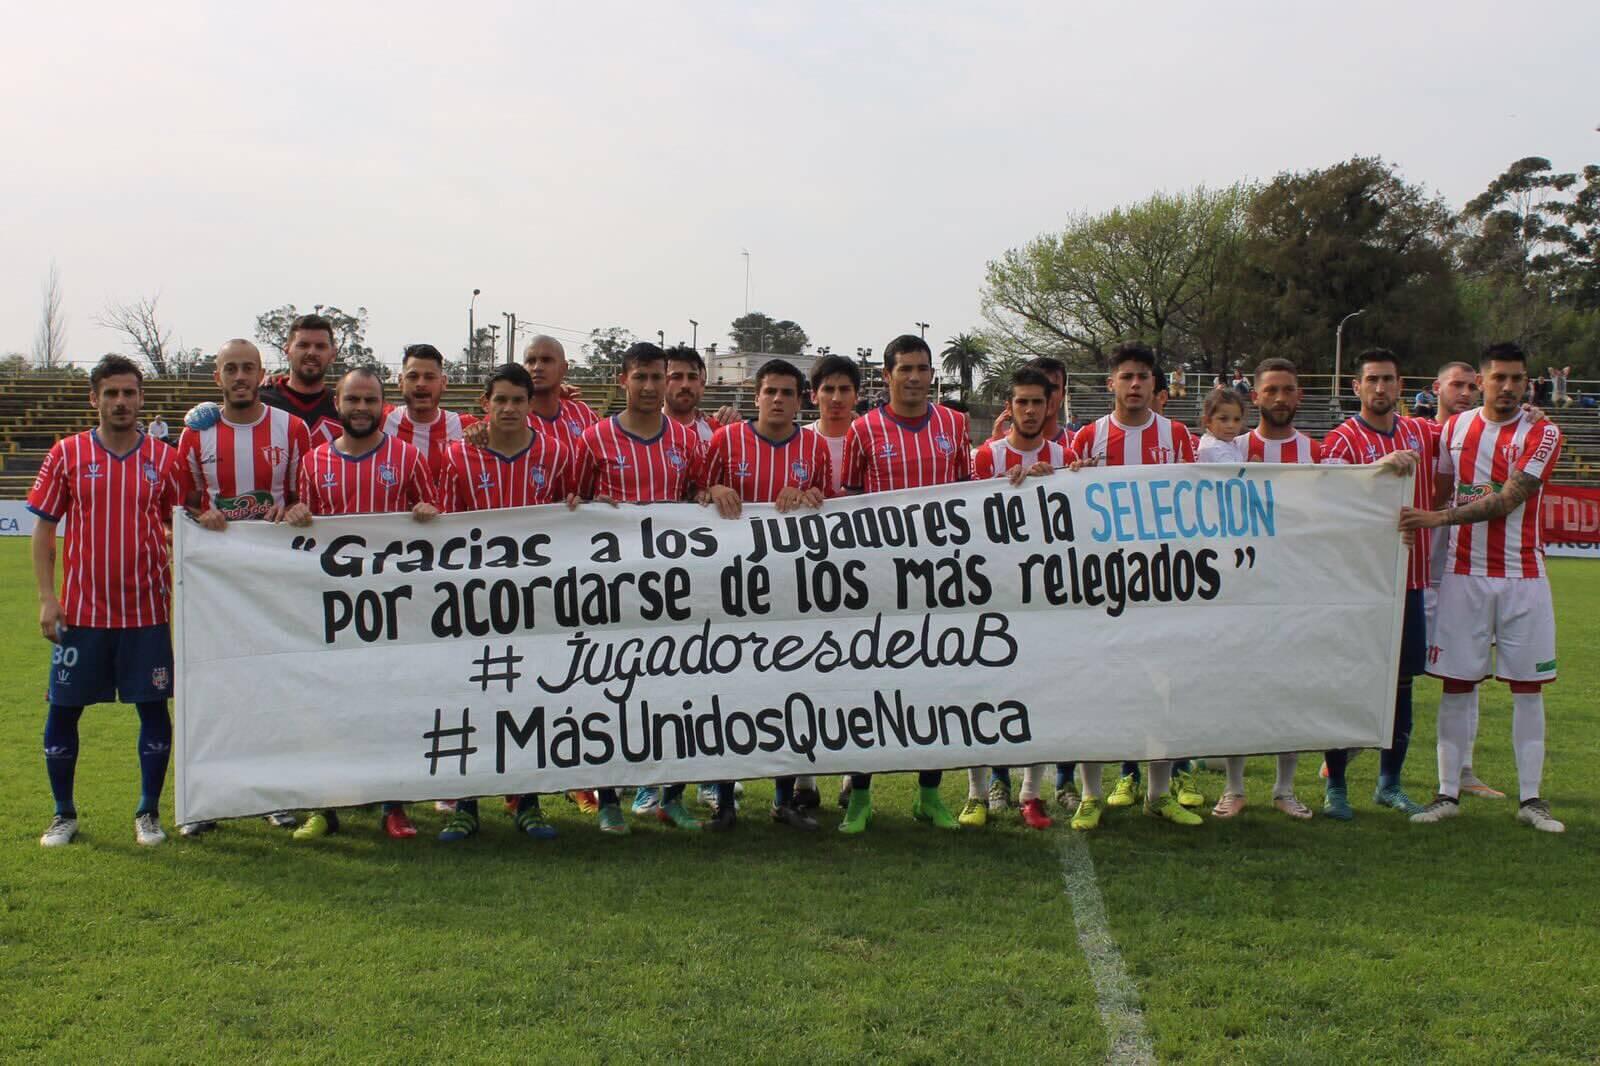 Jogadores de divisões inferiores do Uruguai também protestam por melhorias (Reprodução: Twitter: @MUQN_UY)